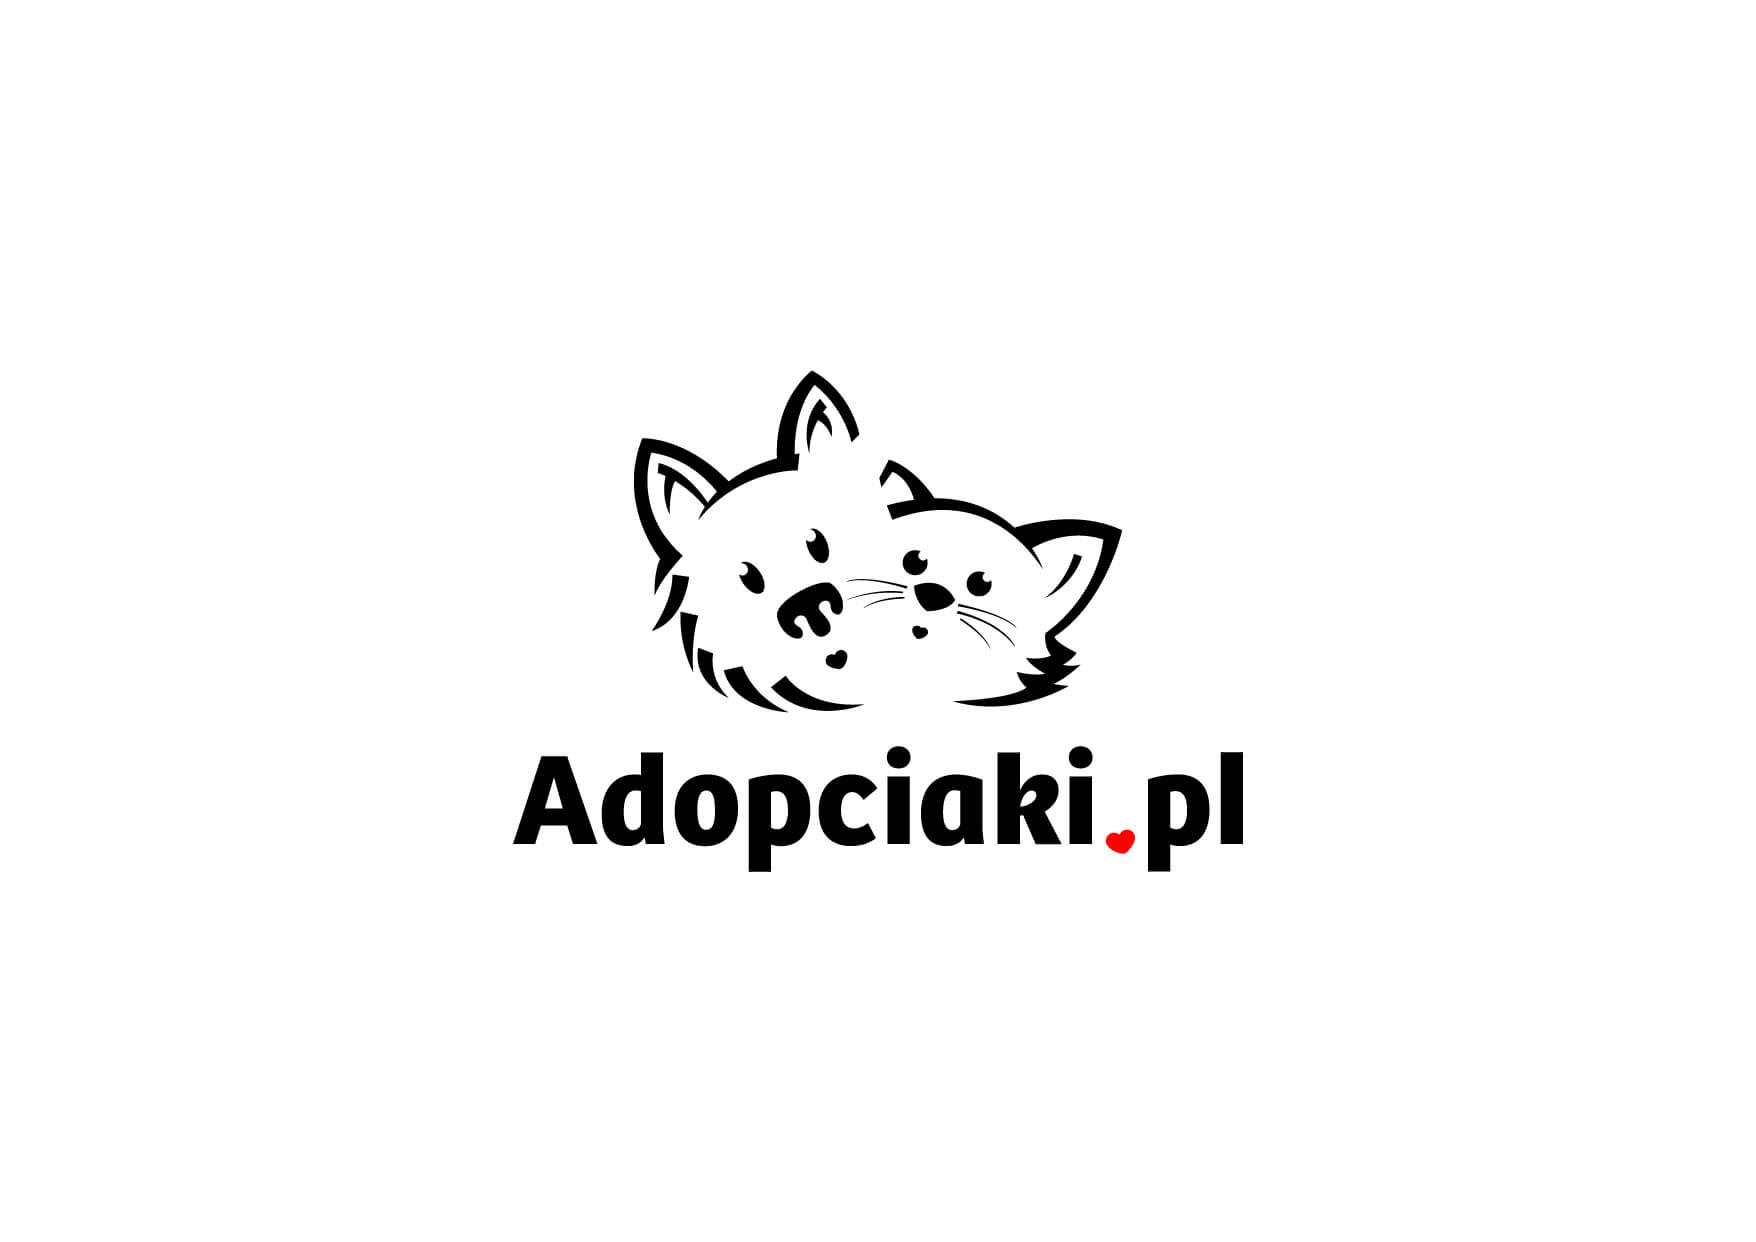 Logo Adopciaki.pl – Piotrków Trybunalski